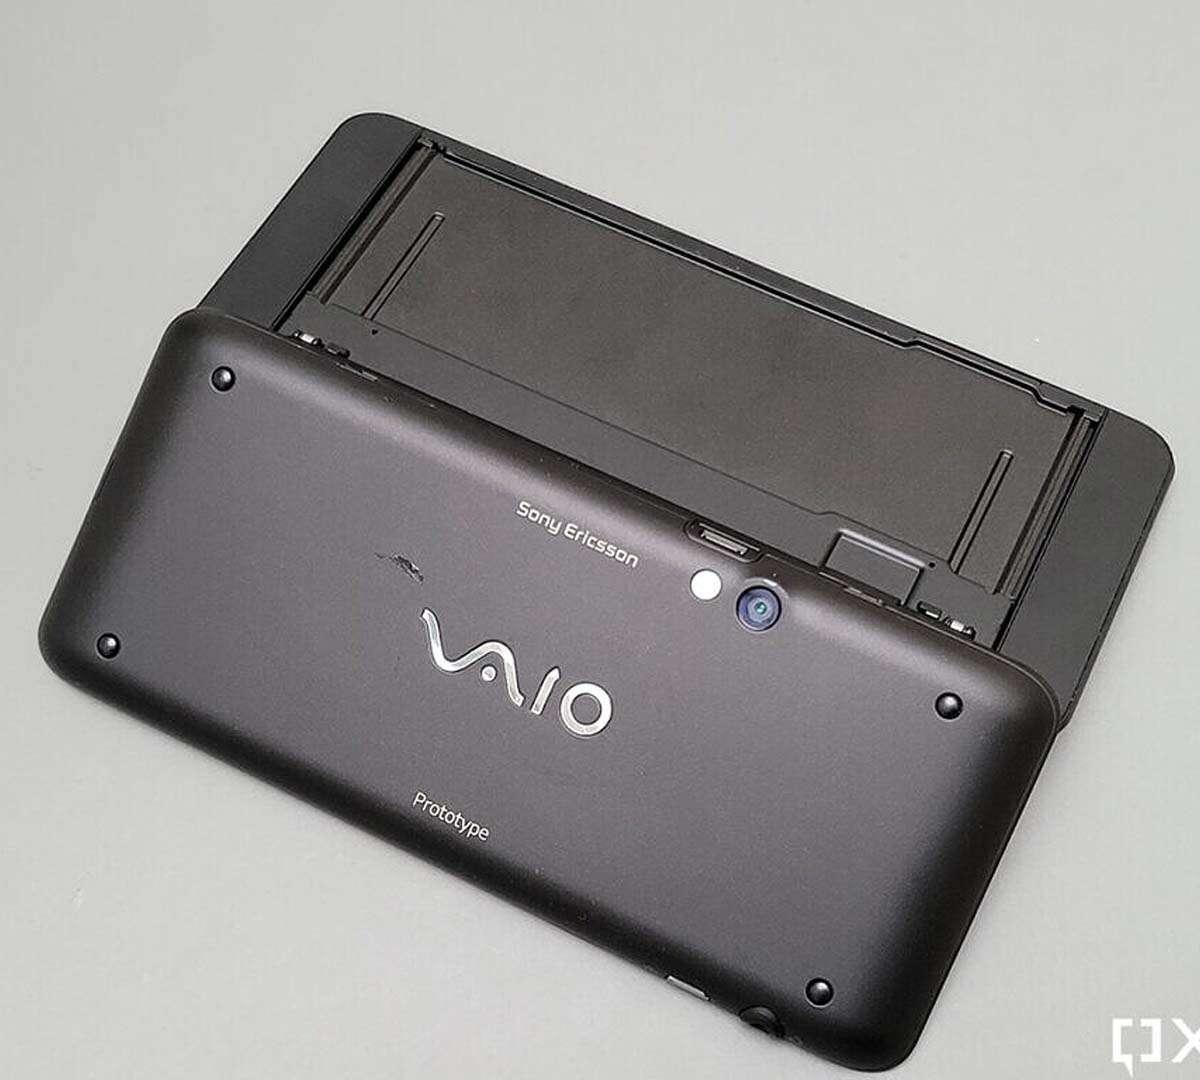 Sony Ericsson VAIO. Smartfon, którego nigdy nie było